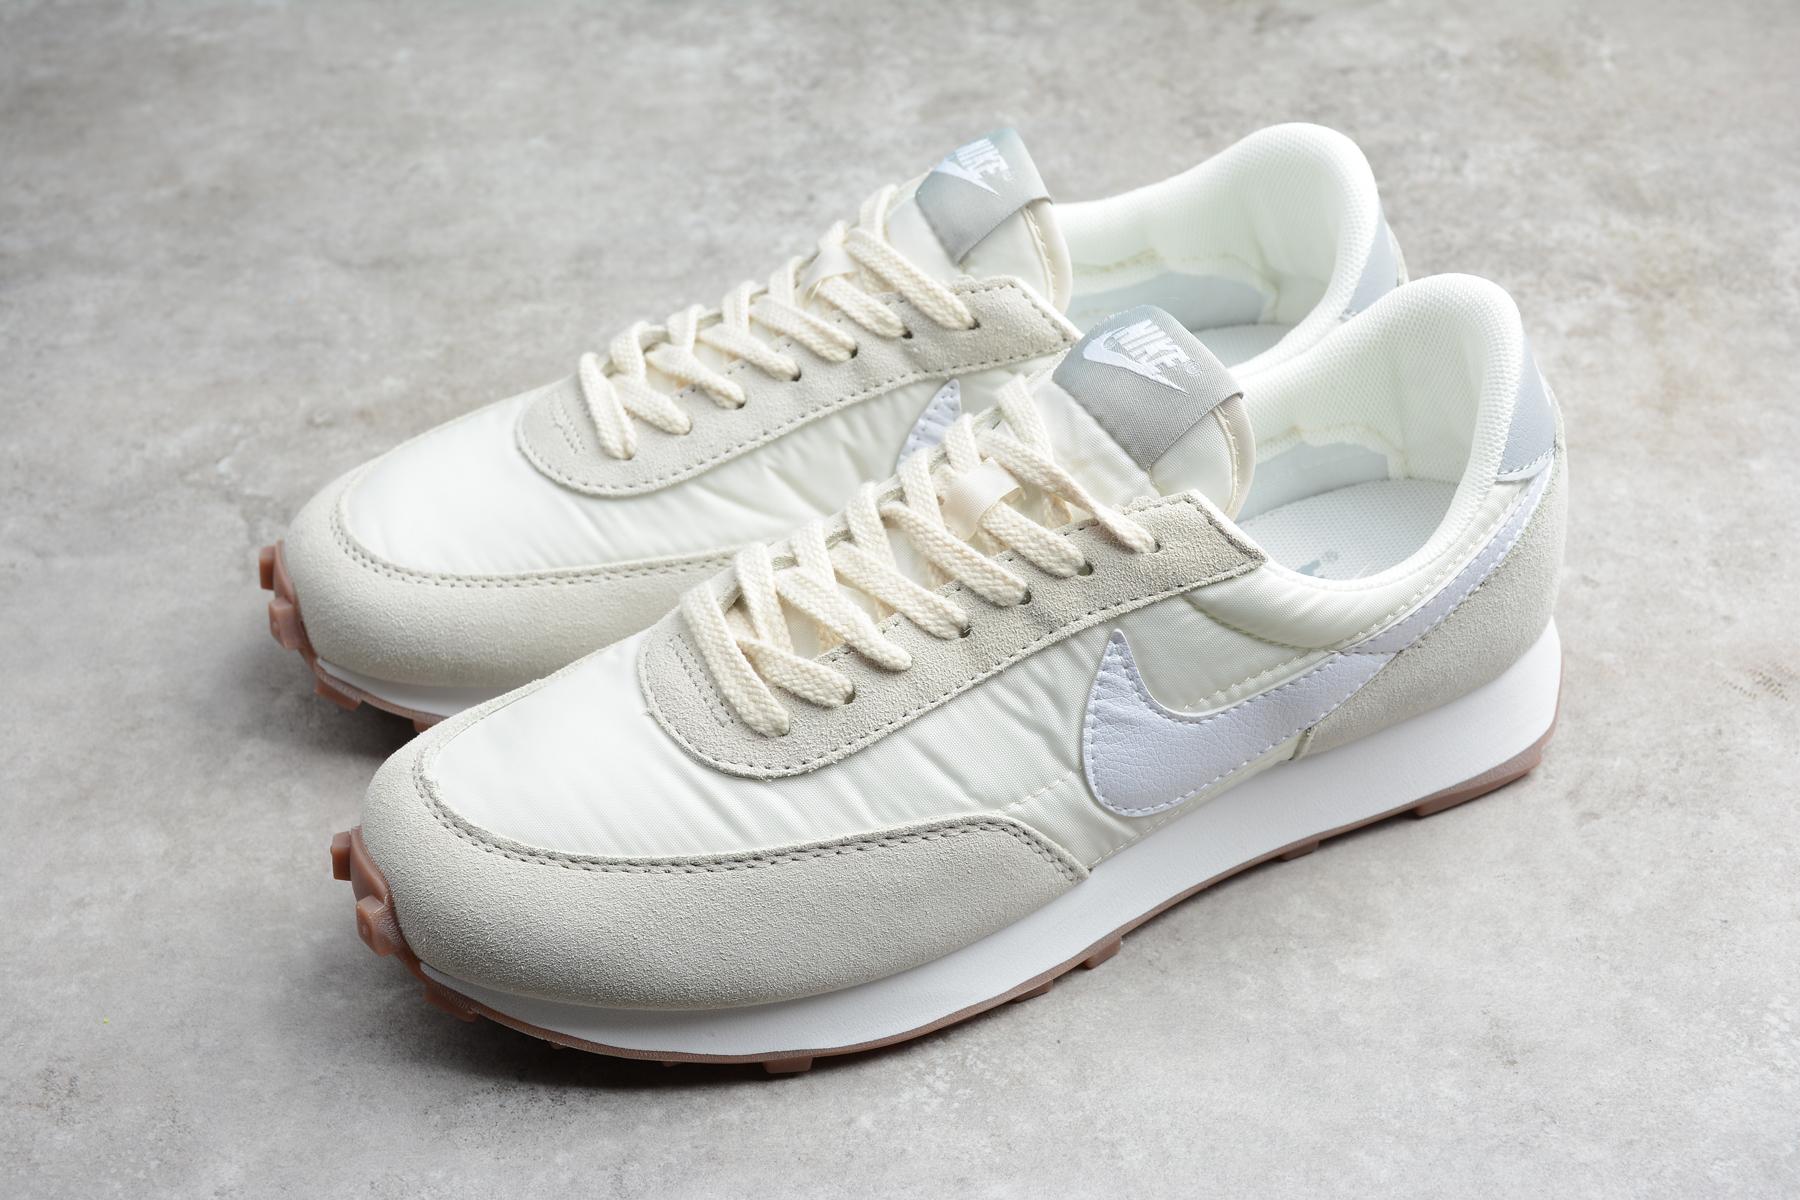 Nike Daybreak gray Gum Sole sneakers Shop